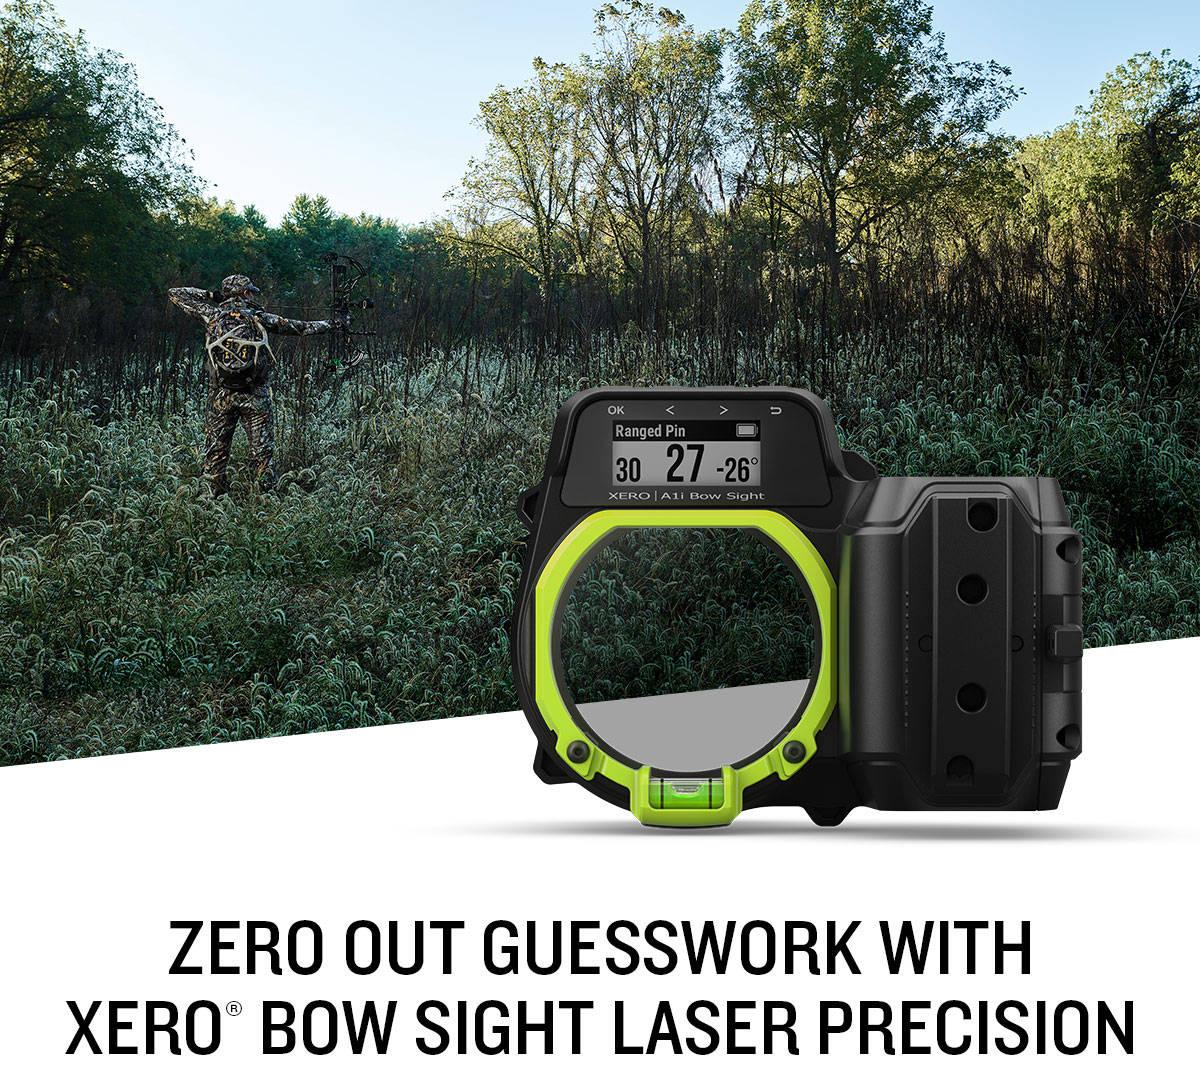 Garmin Xero A1i Auto-Ranging Digital Bow Sight